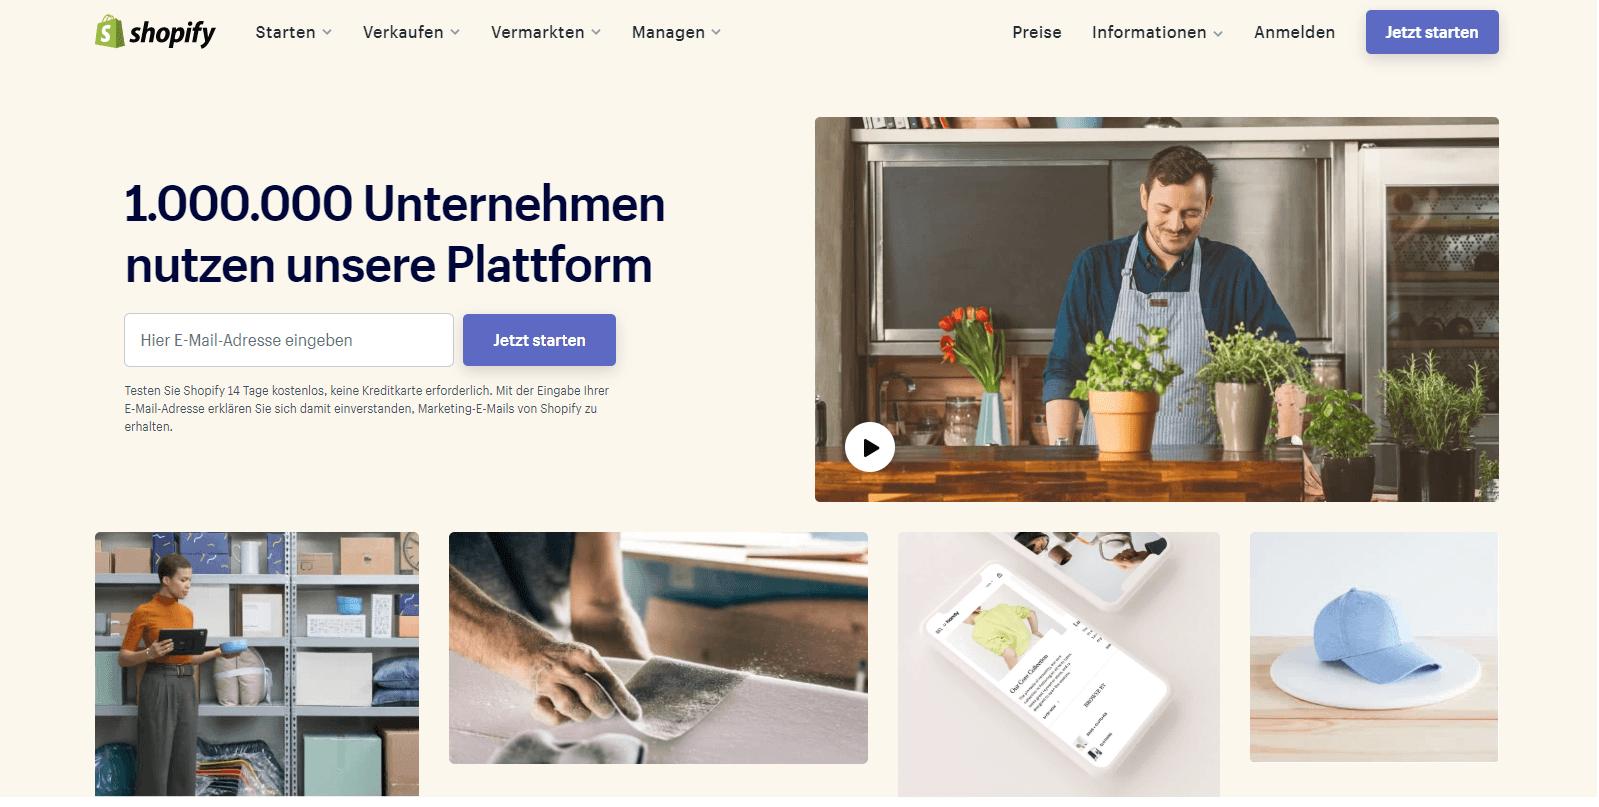 Website erstellen mit Shopify - Screenshot